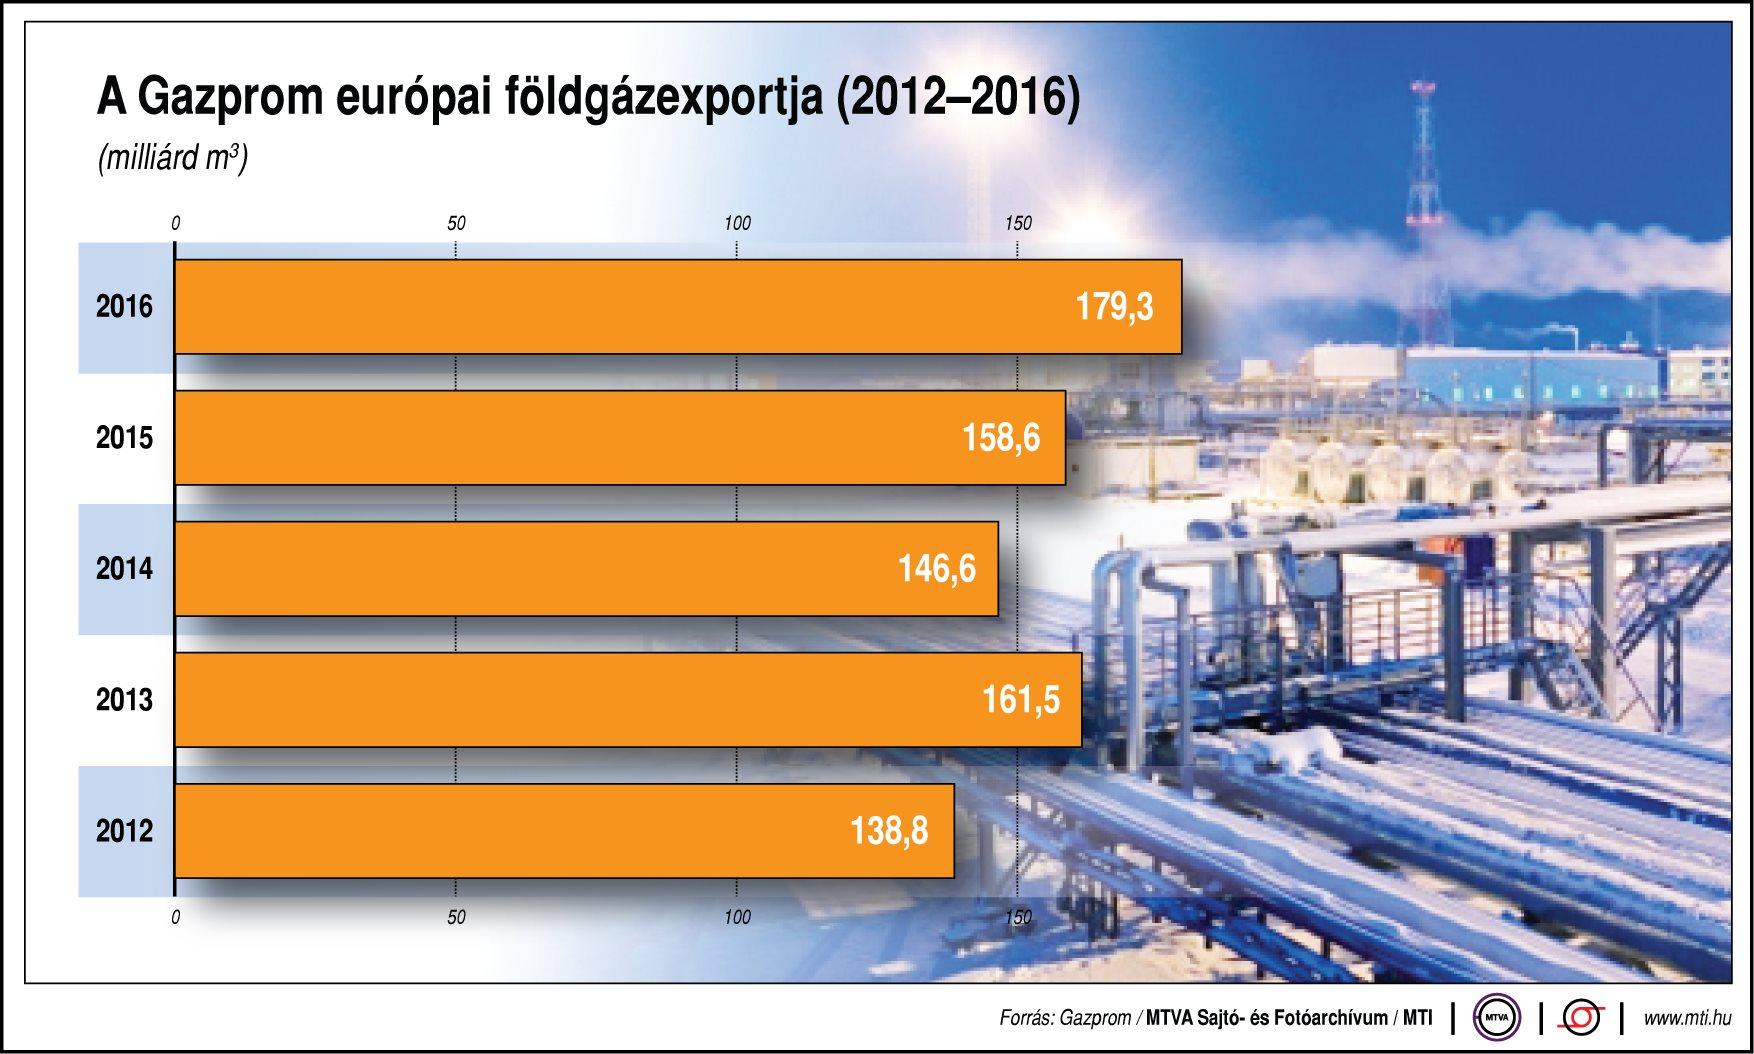 A Gazprom európai földgázexportja - egy ábrán